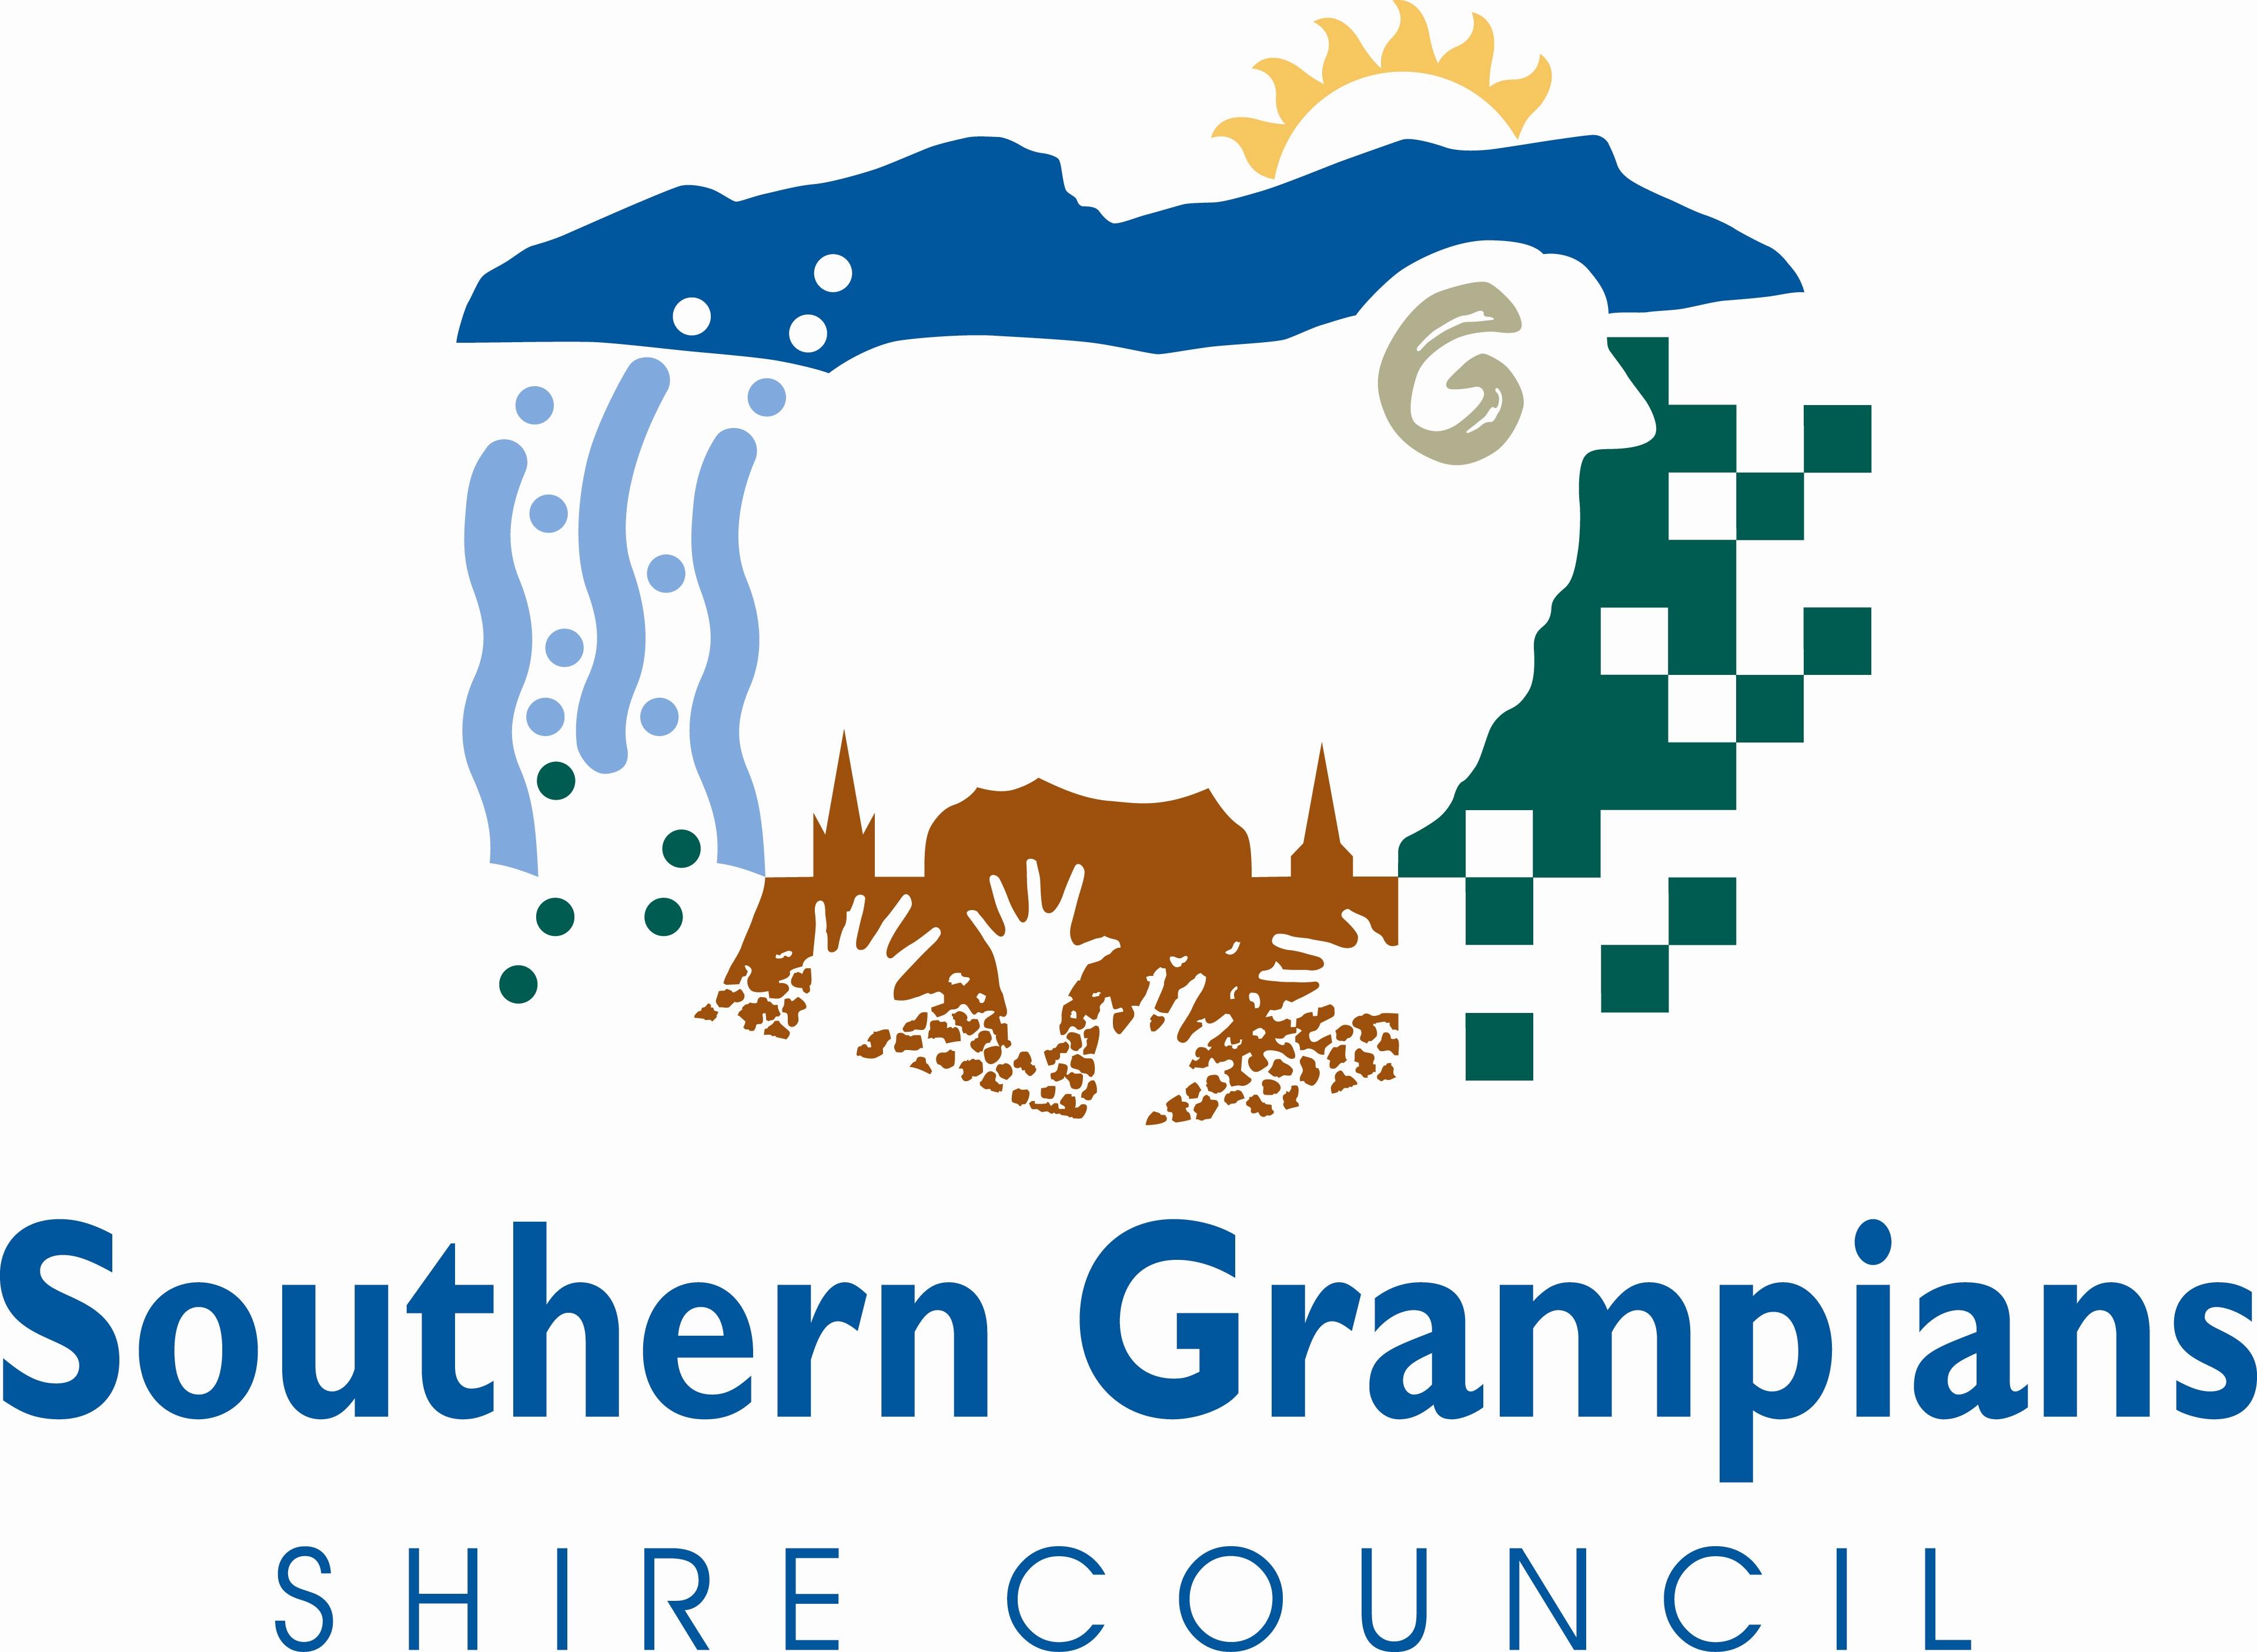 Southern Grampians